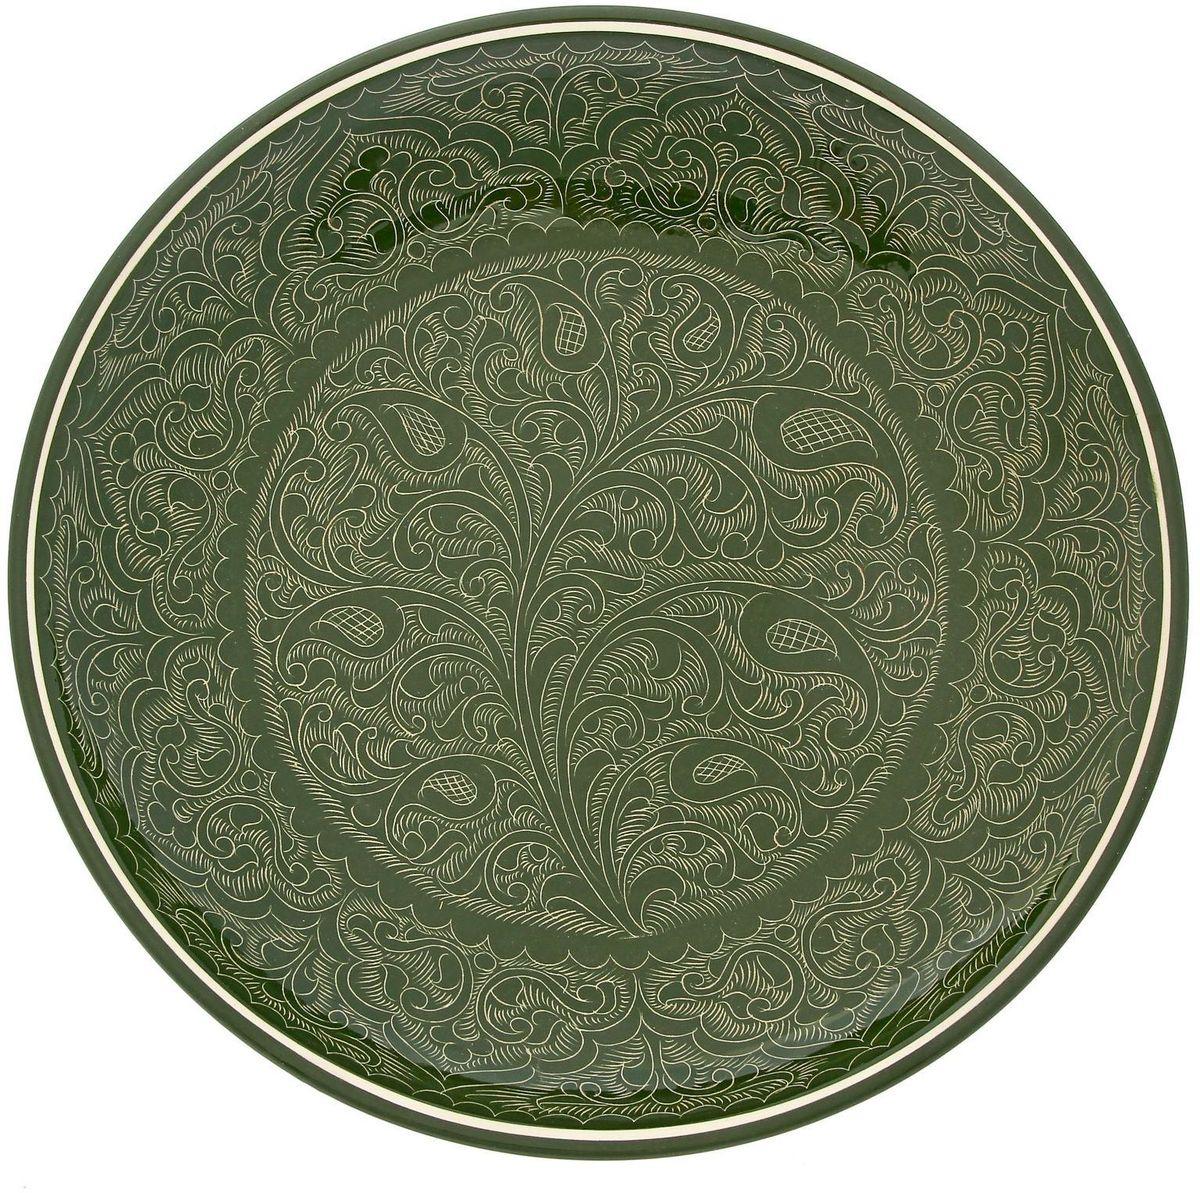 Ляган Риштанская керамика, цвет: зеленый, диаметр 31 см. 19234531923453Ляган Риштанская керамика - это не просто обеденный атрибут, это украшение стола. Посуда с национальной росписью станет отменным подарком для ценителей высокородной посуды.Риштан - город на востоке Узбекистана, один из древнейших в Ферганской долине. С давних времен Риштан славится своим гончарным искусством изготовления цветной керамики. Красноватую глину для изделия добывают в самом городе. Мастера утверждают, что их глина настолько высокого качества, что даже не нуждается в предварительной обработке. Дополните коллекцию кухонных аксессуаров пряными восточными нотами!